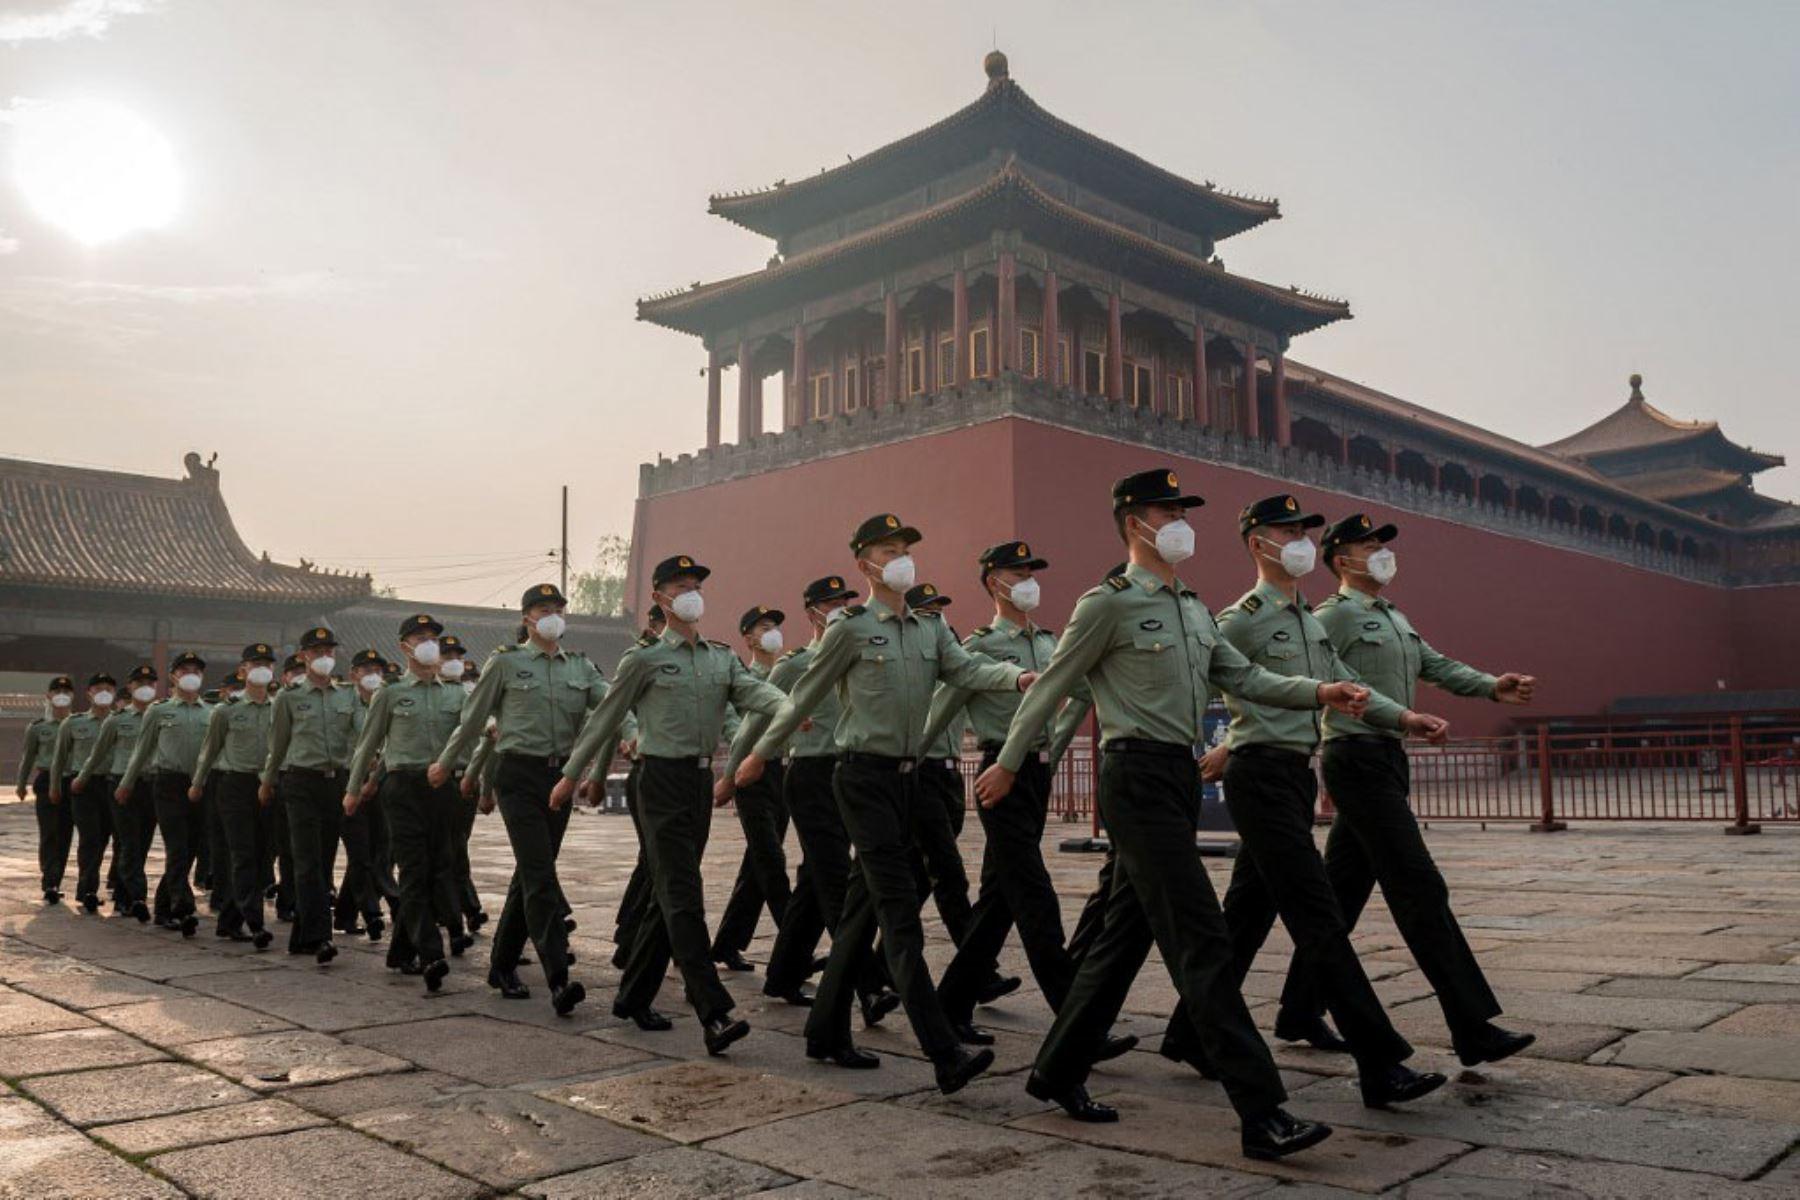 Soldados del Ejército Popular de Liberación (EPL) marchan junto a la entrada de la Ciudad Prohibida durante la ceremonia de inauguración de la Conferencia Consultiva Política del Pueblo Chino (CPPCC) en Beijing. Foto: AFP